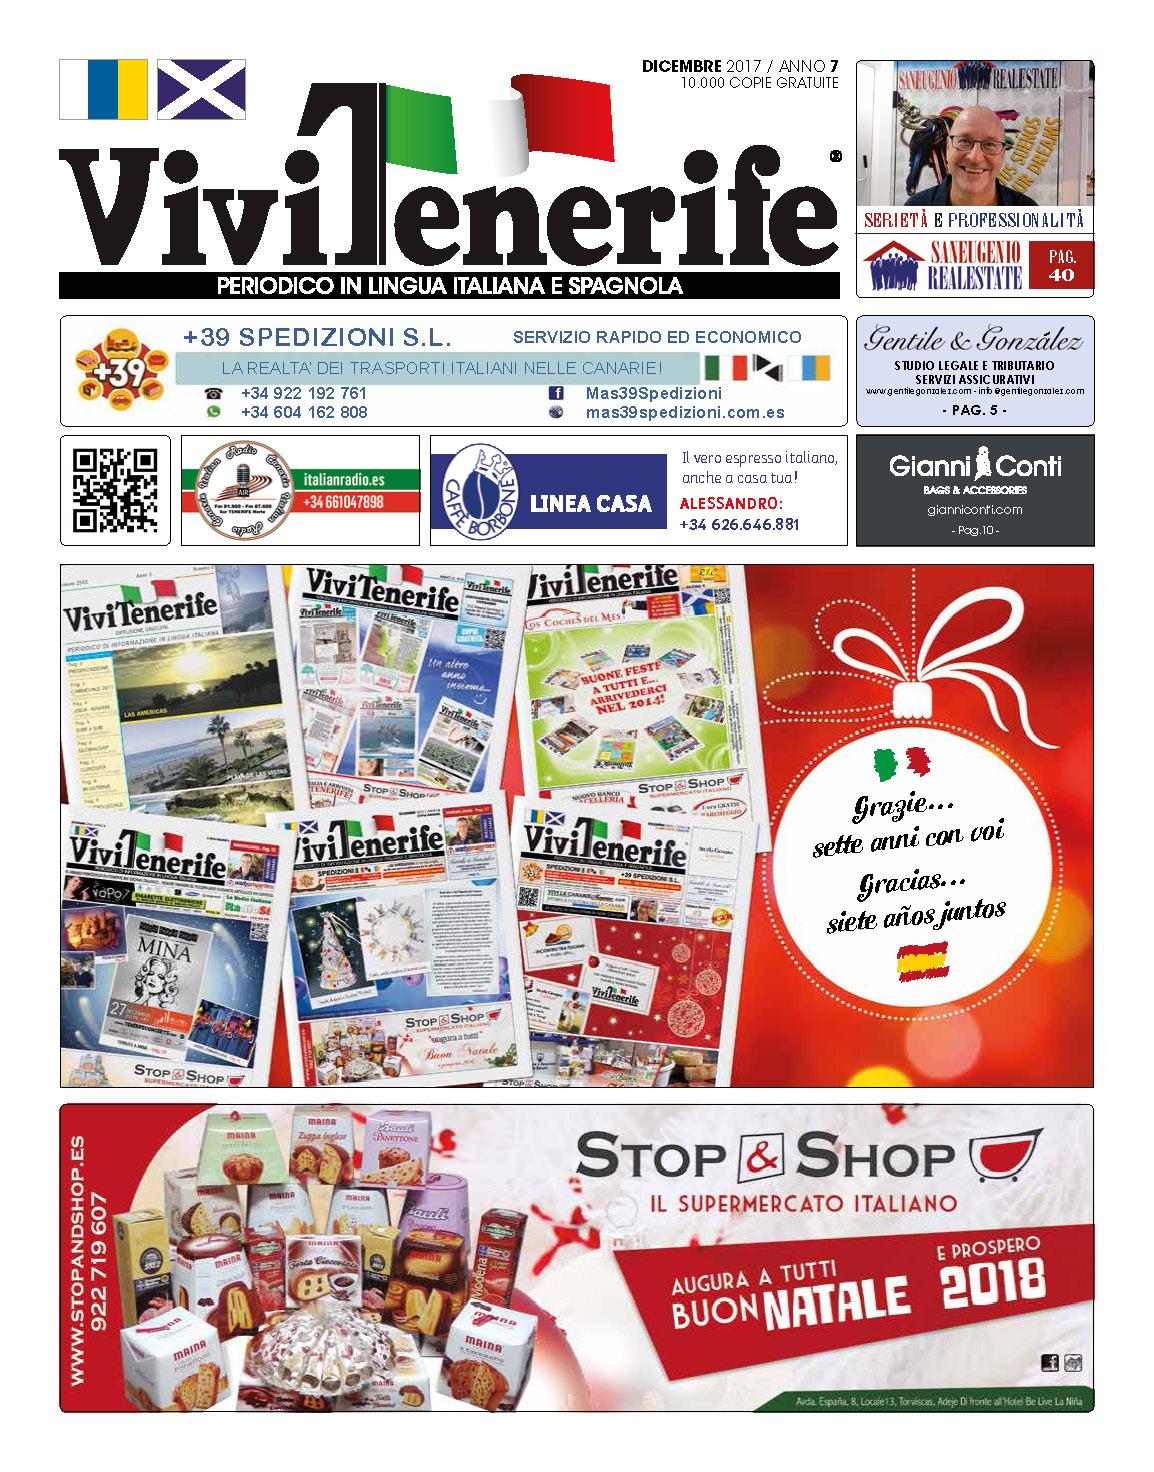 ViviTenerife Dicembre 2017